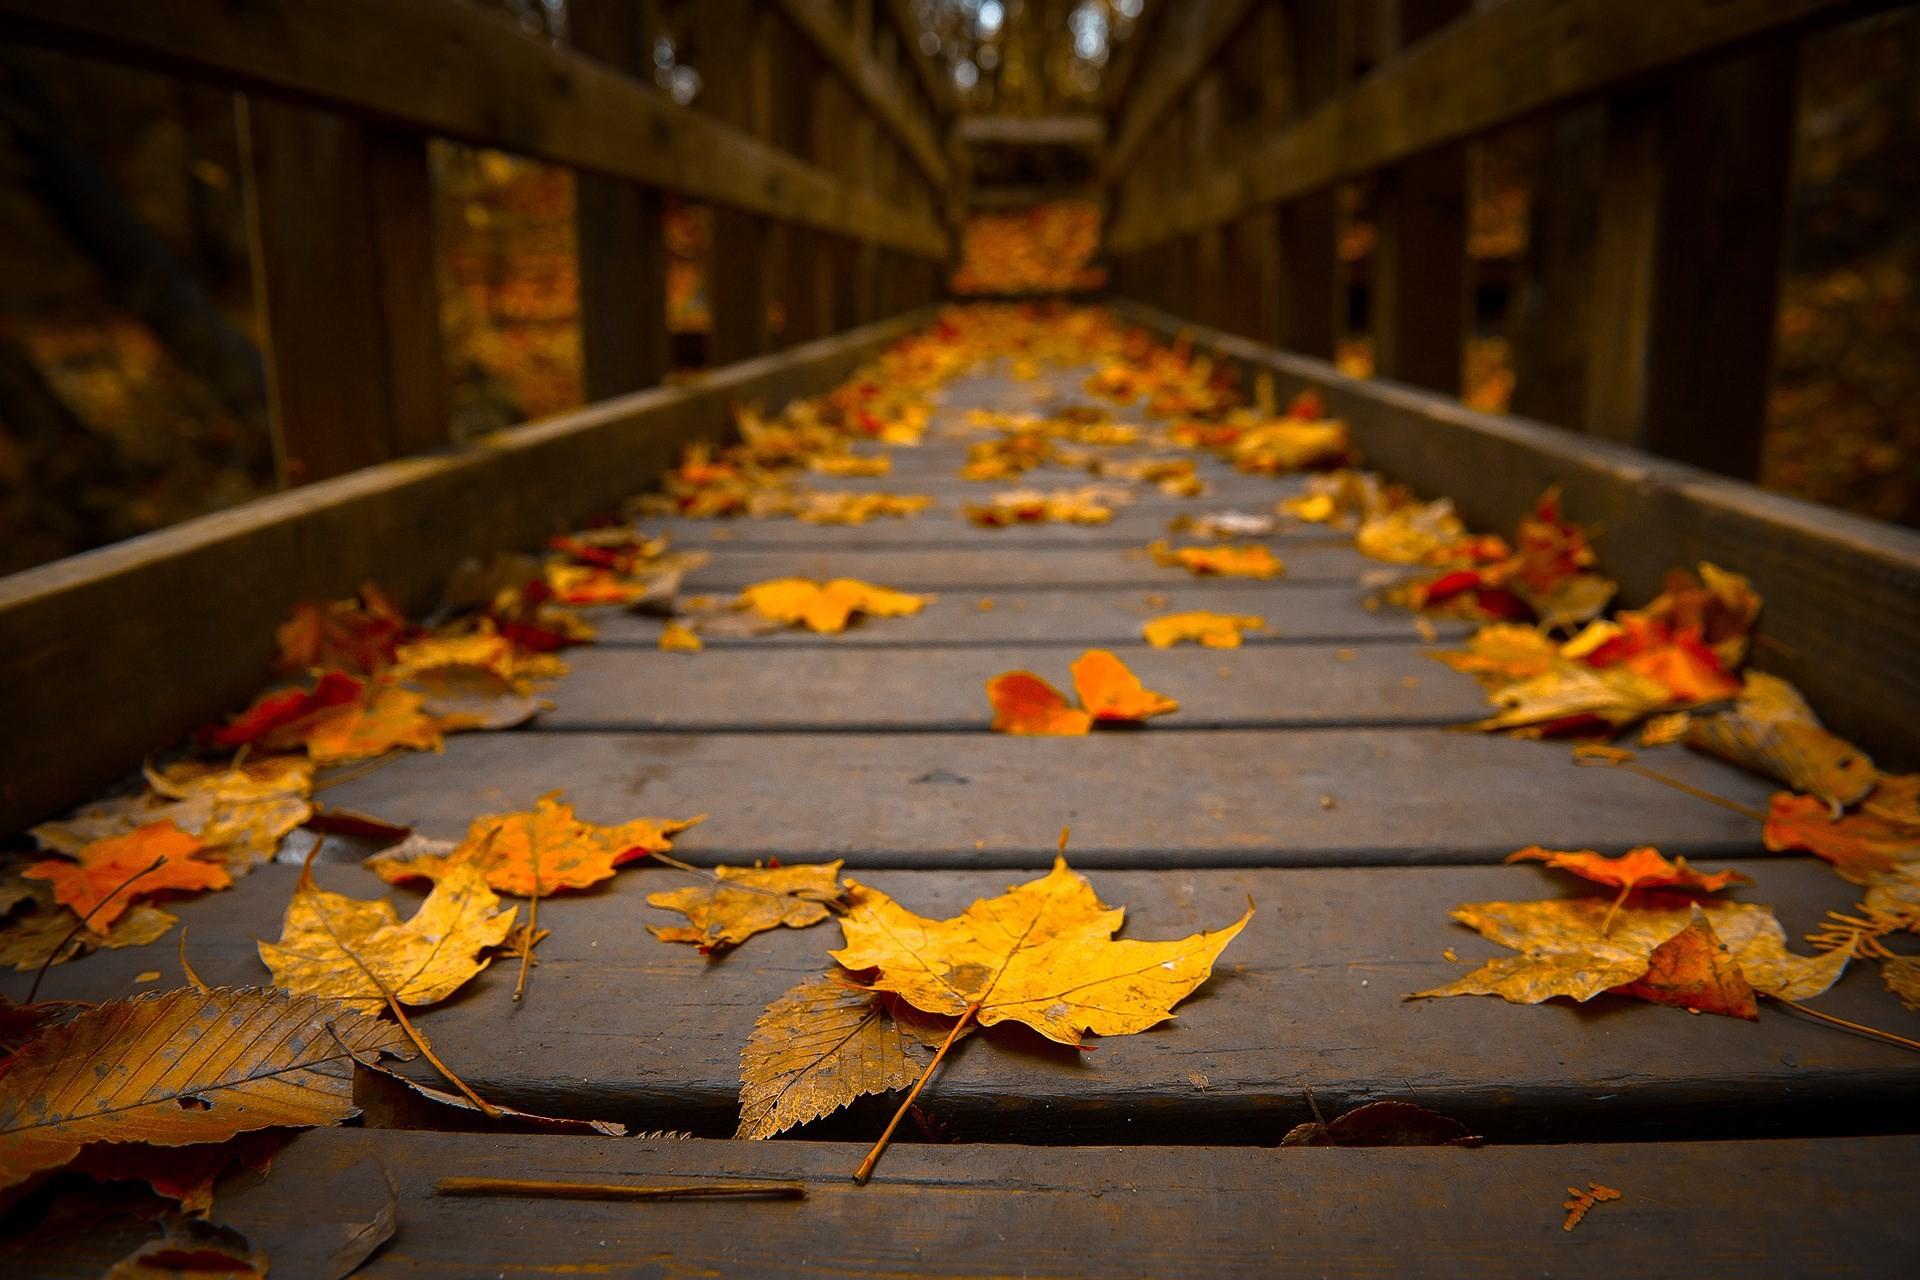 fall wallpaper pack 1080p hd – fall category